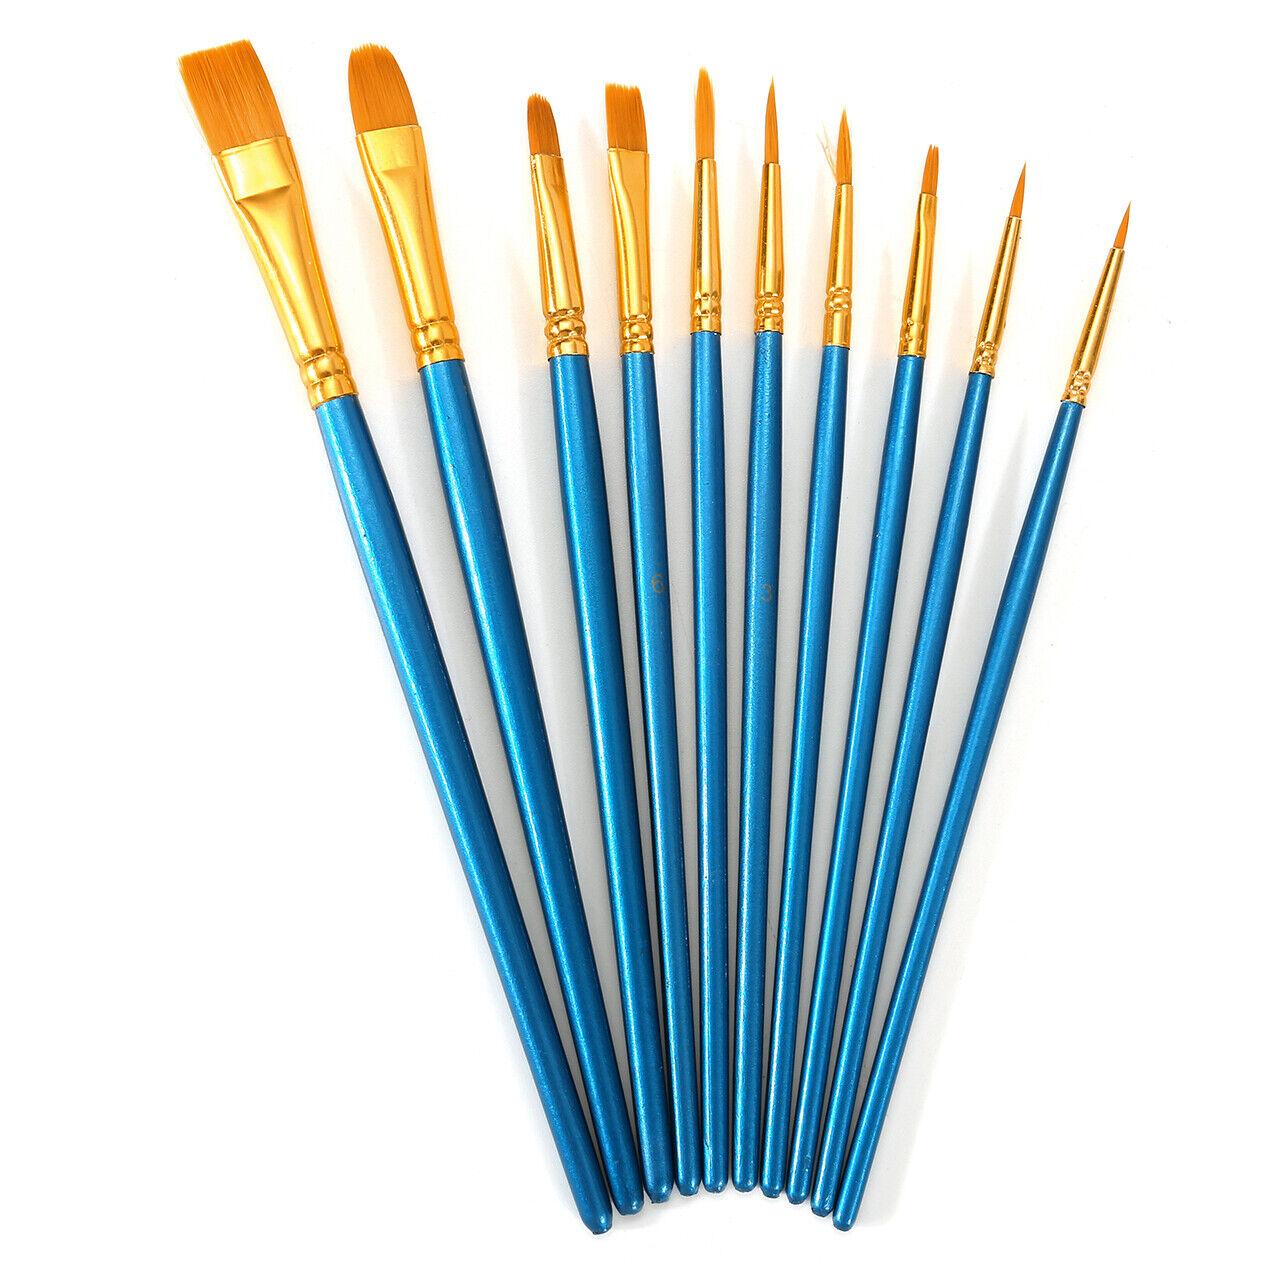 Pro 10 Artist Paint Brushes Set Kit Lot Oil Watercolour Pain